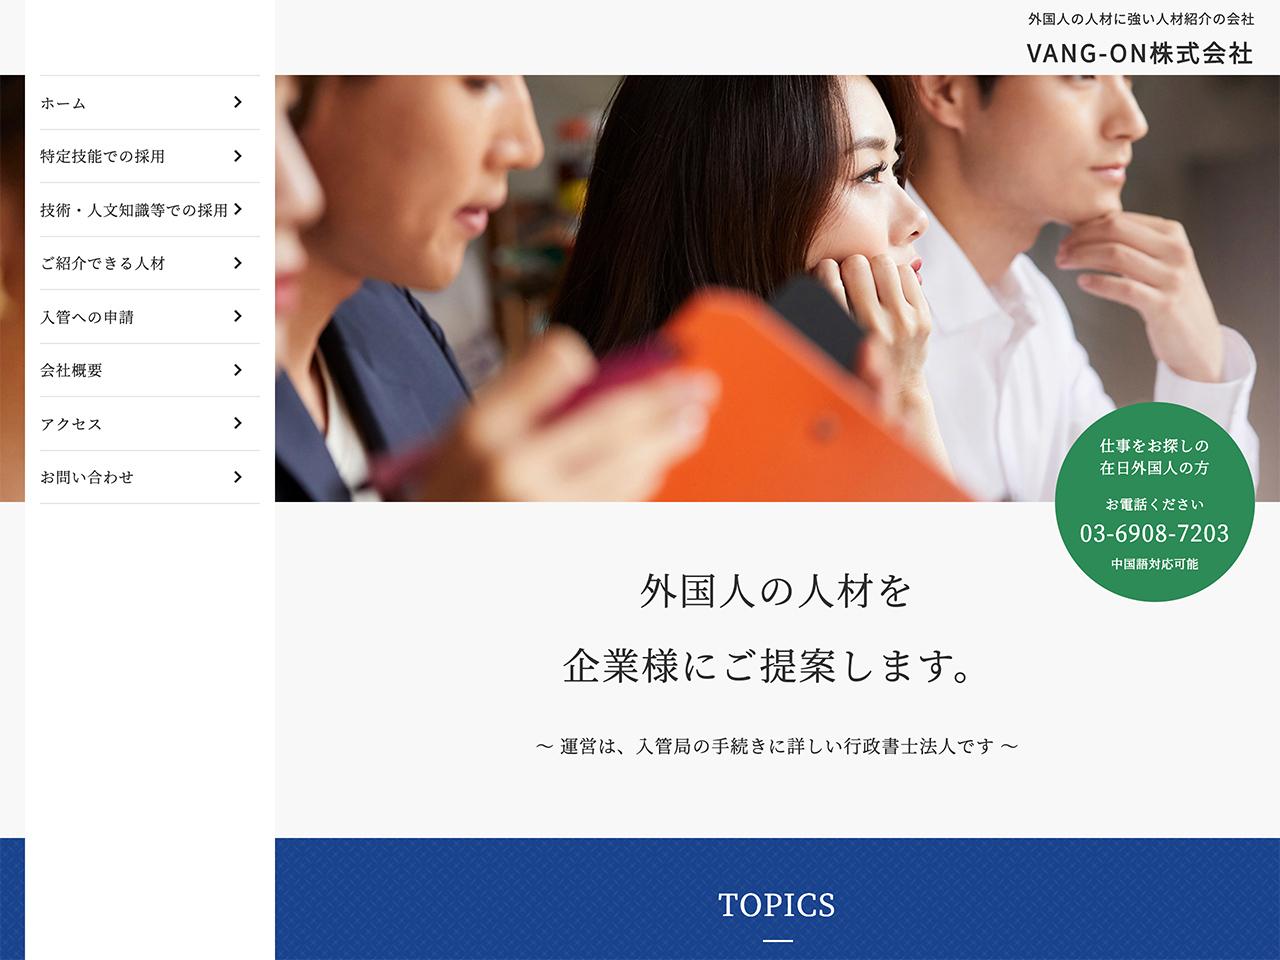 VANG-ON株式会社